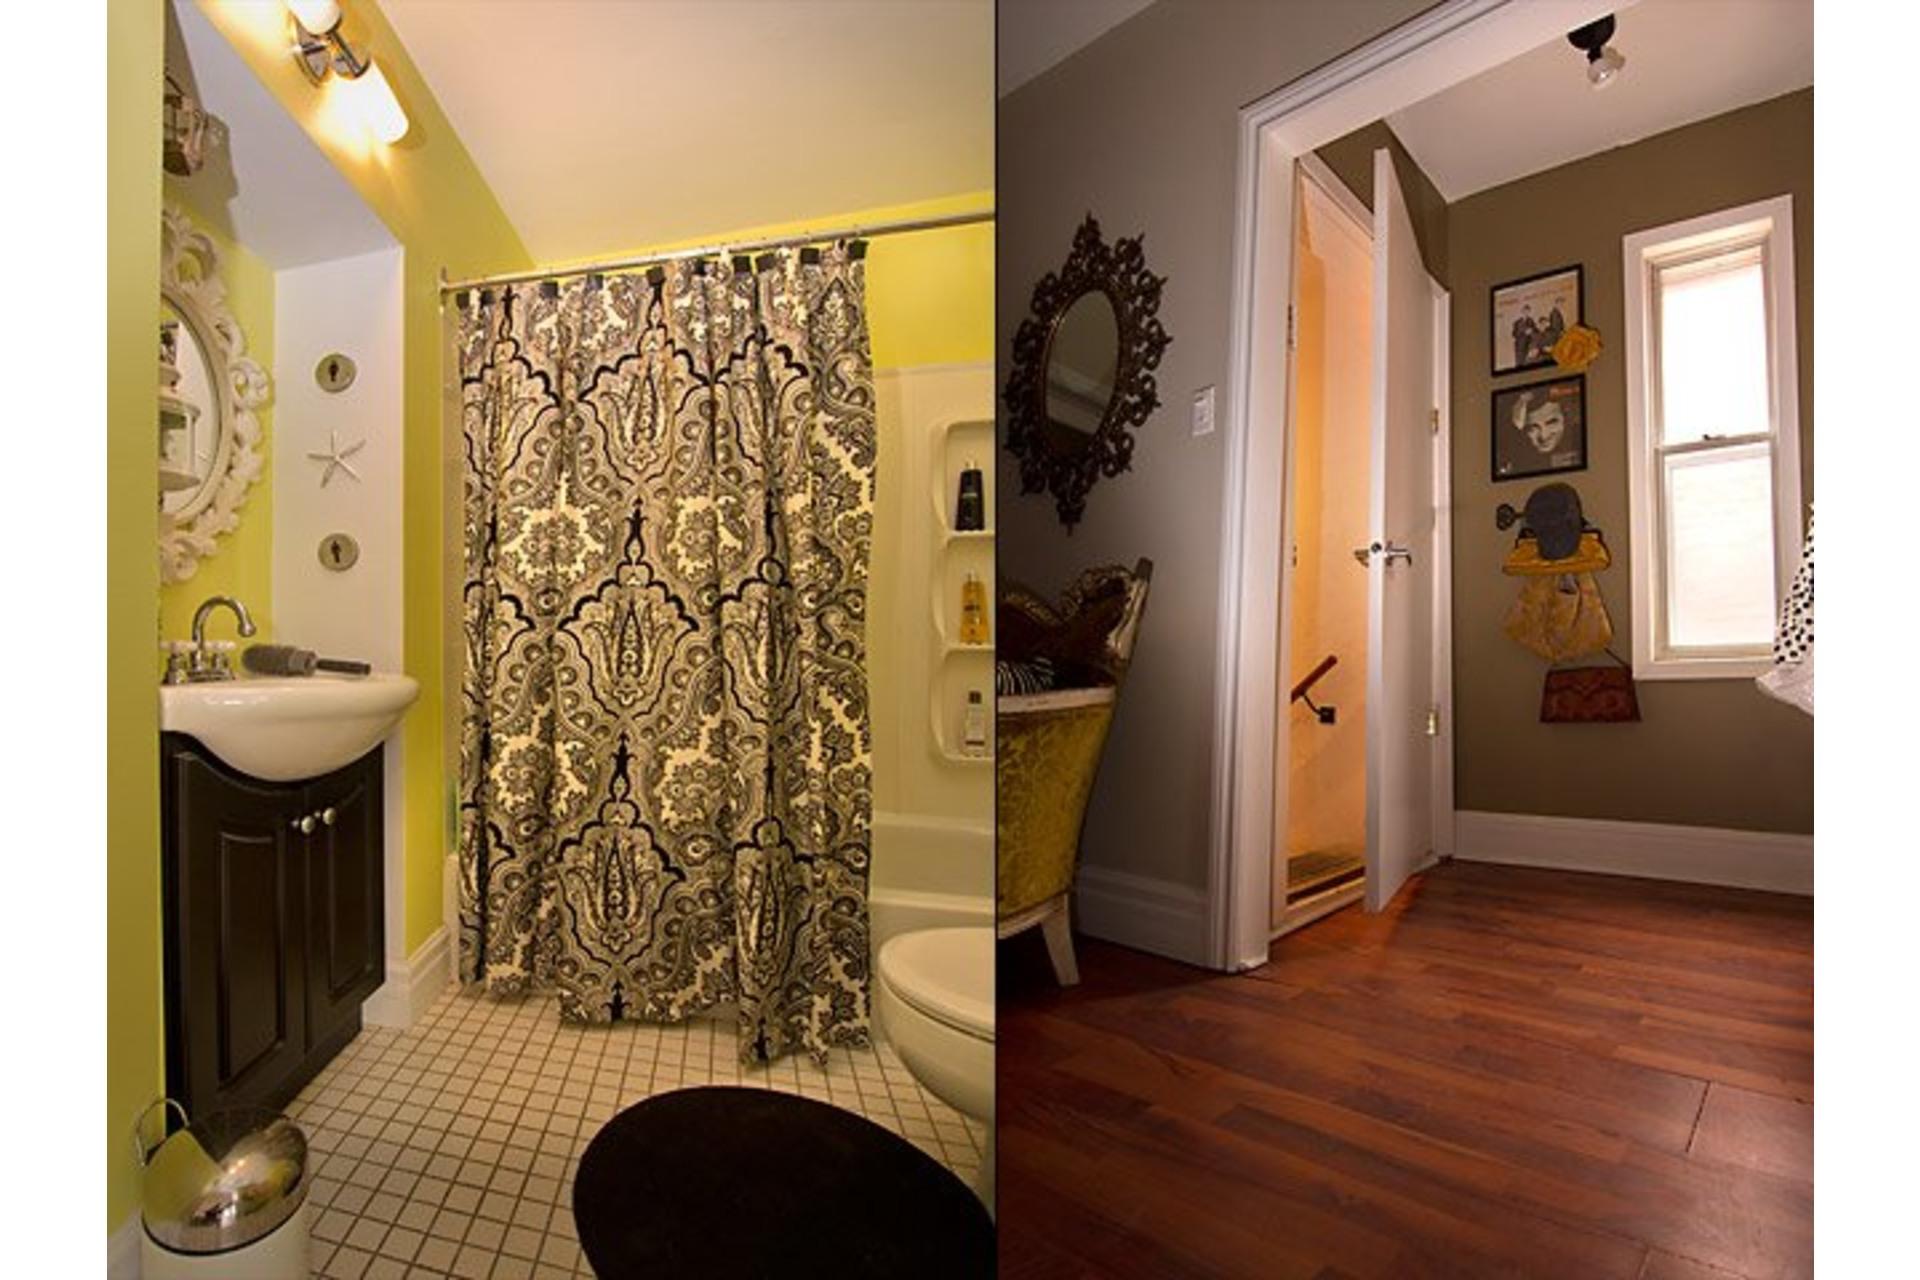 image 29 - Duplex For sale Le Sud-Ouest Montréal  - 5 rooms